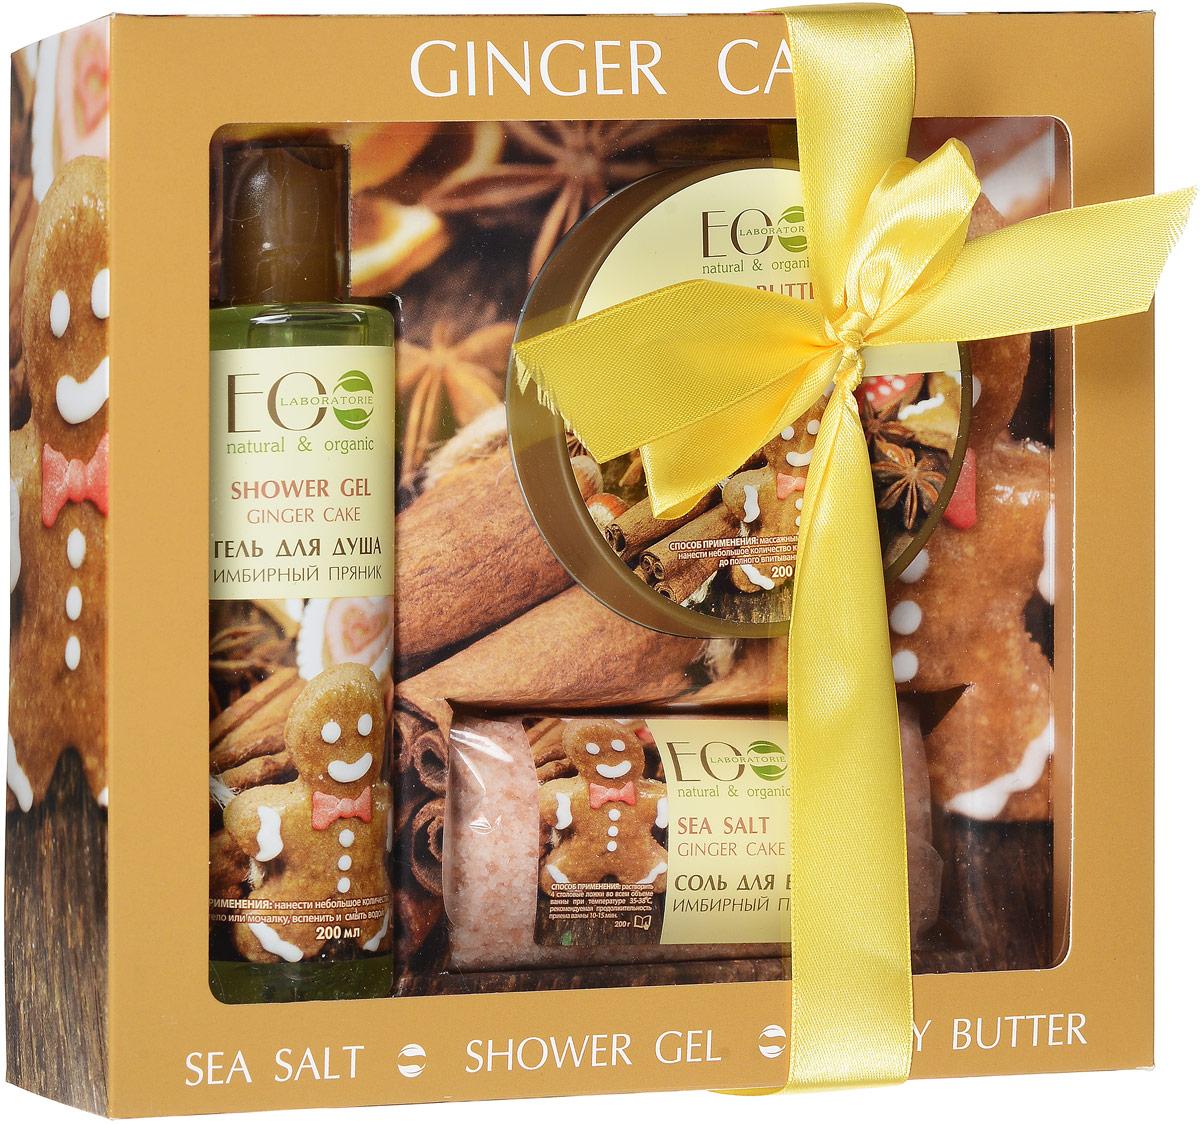 EcoLab ЭкоЛаб Подарочный набор: Ginger cake (соль 200г,гель 200г, баттер 200мл)4627089432544Подарочный набор ЭкоЛаб станет приятным и полезным презентом, который окажет необходимый уход за кожей и будет радовать неповторимыми ароматами.В состав набора входят: Гель для душа, крем-баттер для тела, соль для ванны